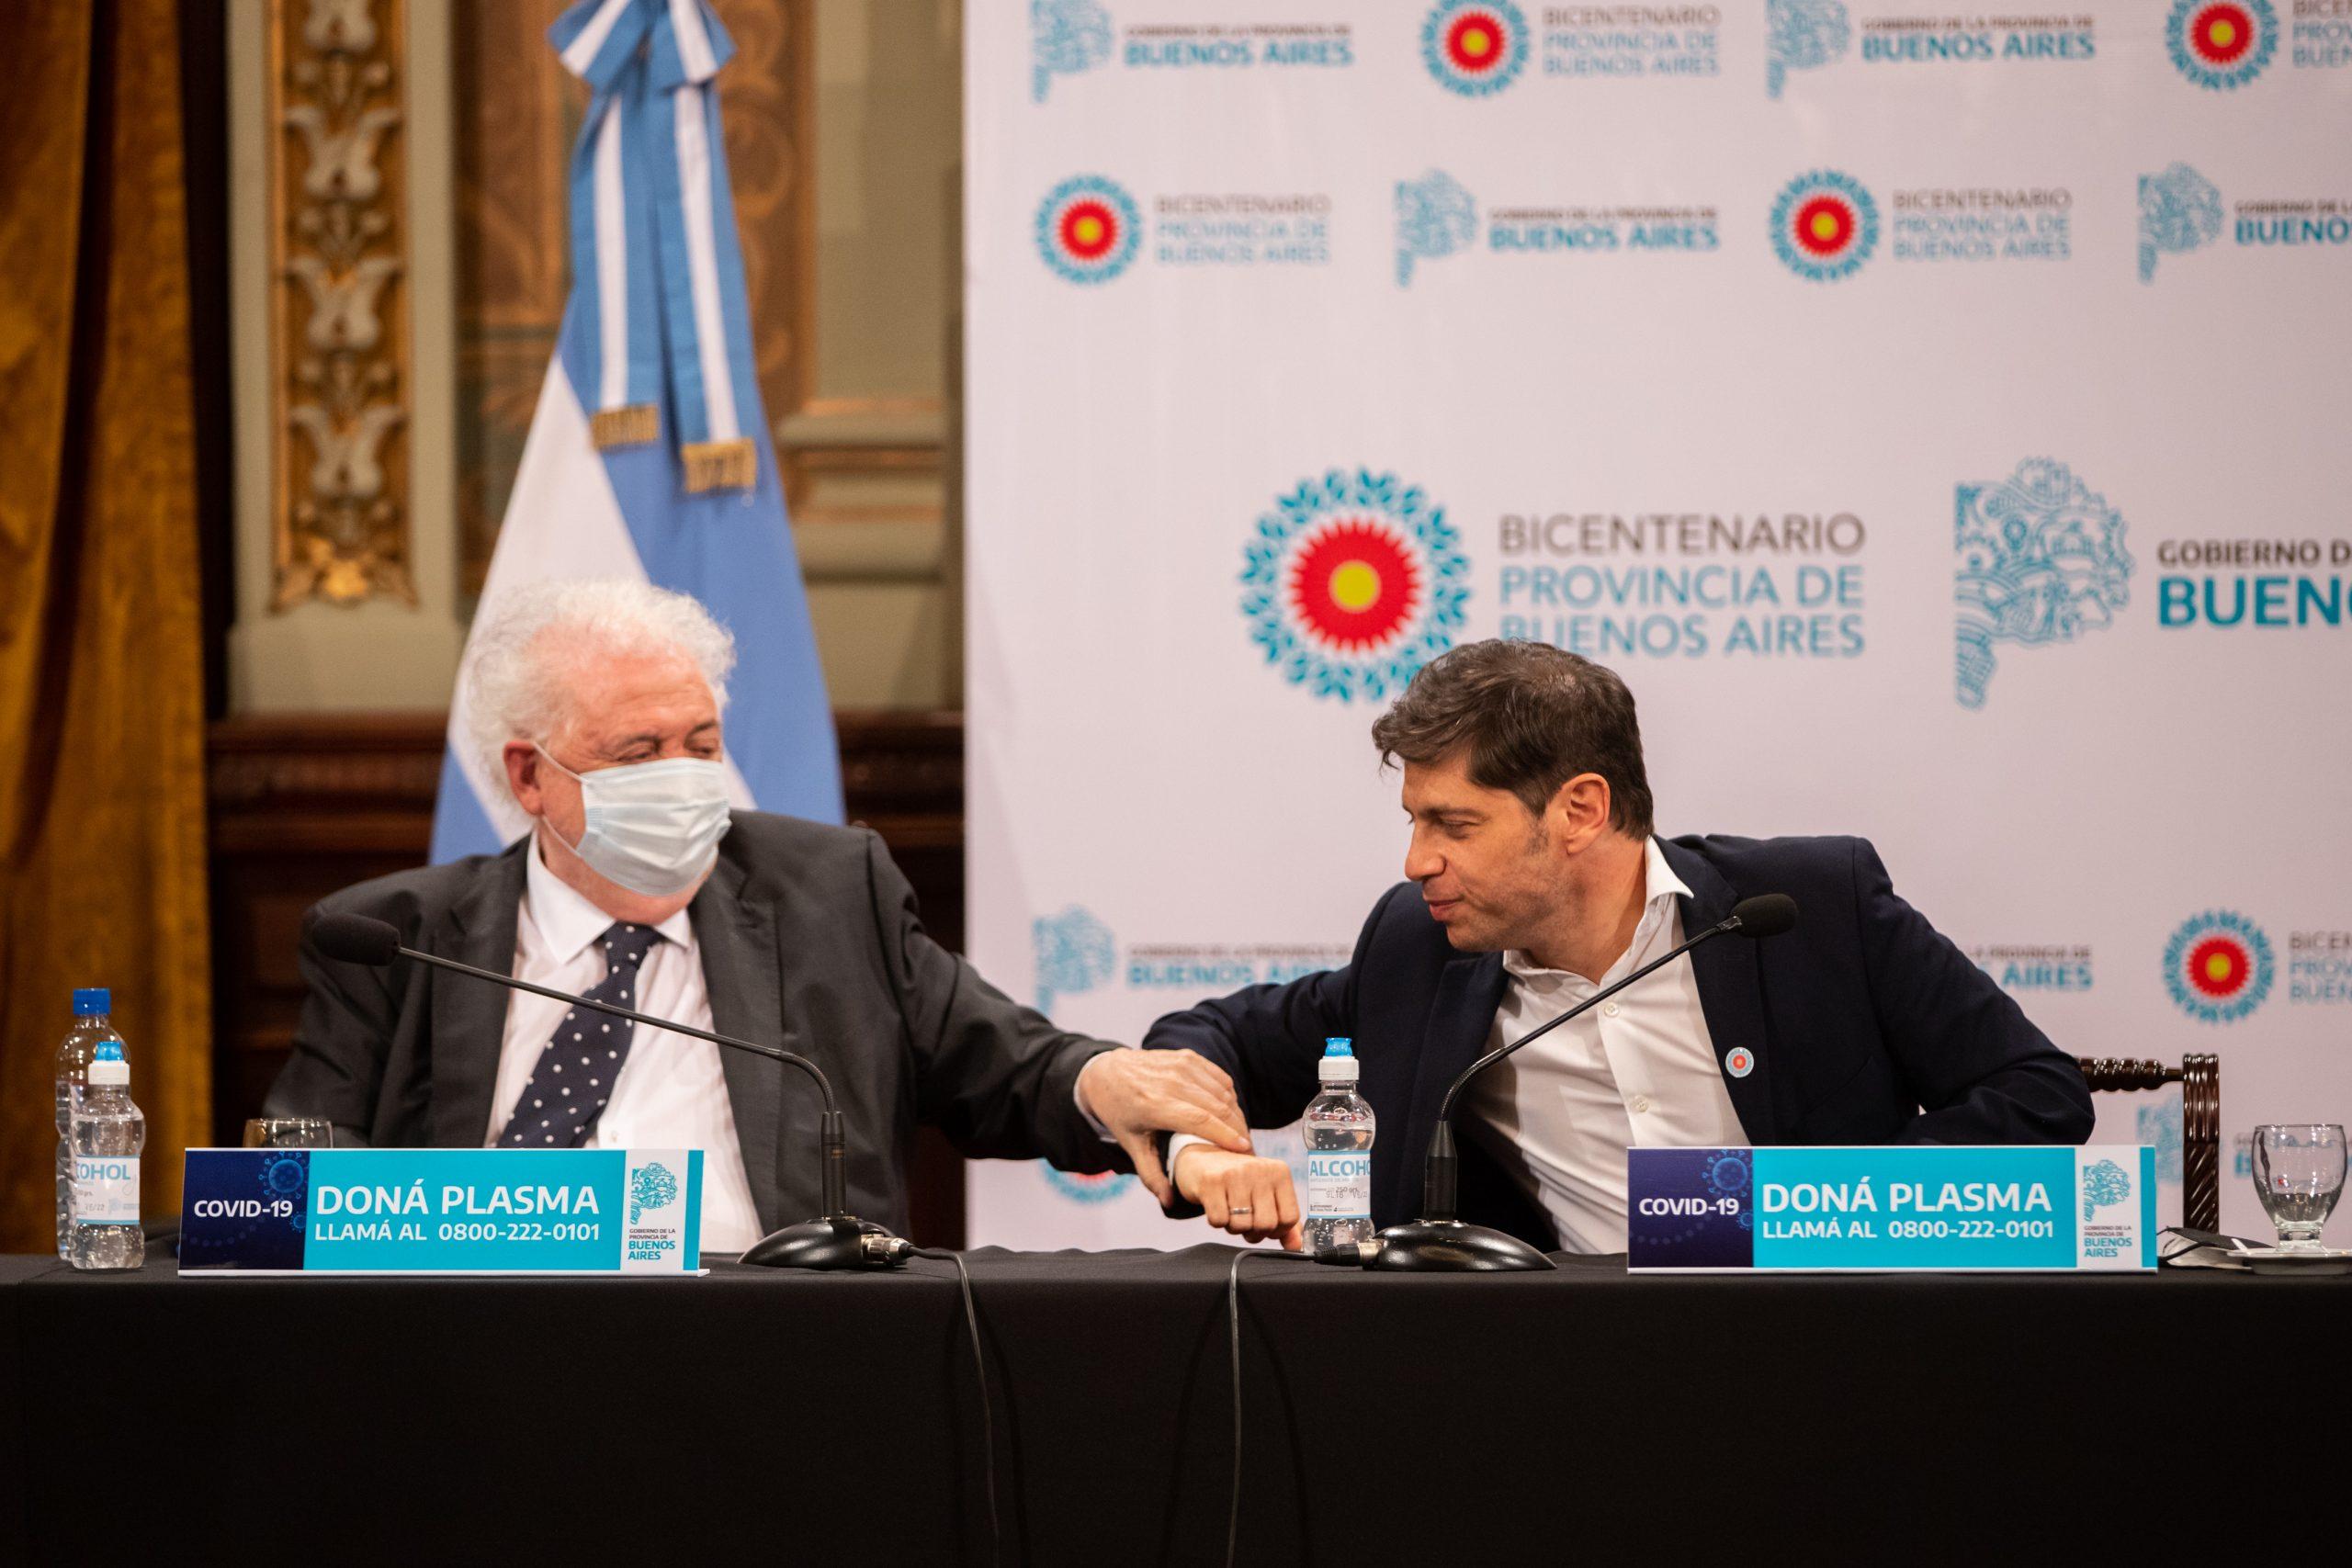 """Kicillof: """"Coordinamos los sistemas de salud público y privado para que todos los bonaerenses reciban una mejor atención"""""""